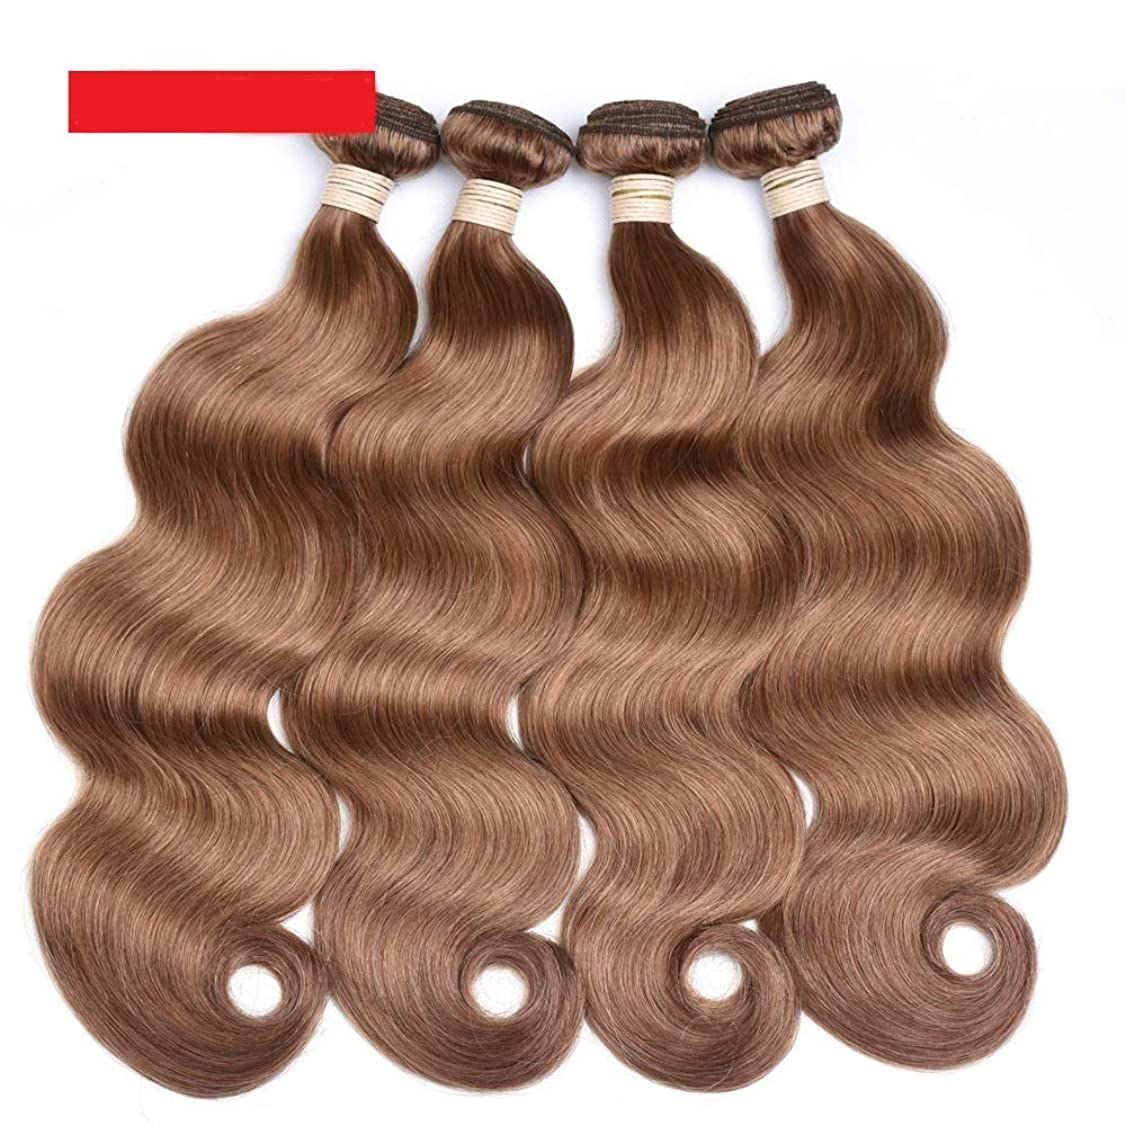 おっと軽く寄託YESONEEP ブラジルの髪の実体波100%バージンヒューマンヘアエクステンション1バンドル横糸の織り方#30茶色(8